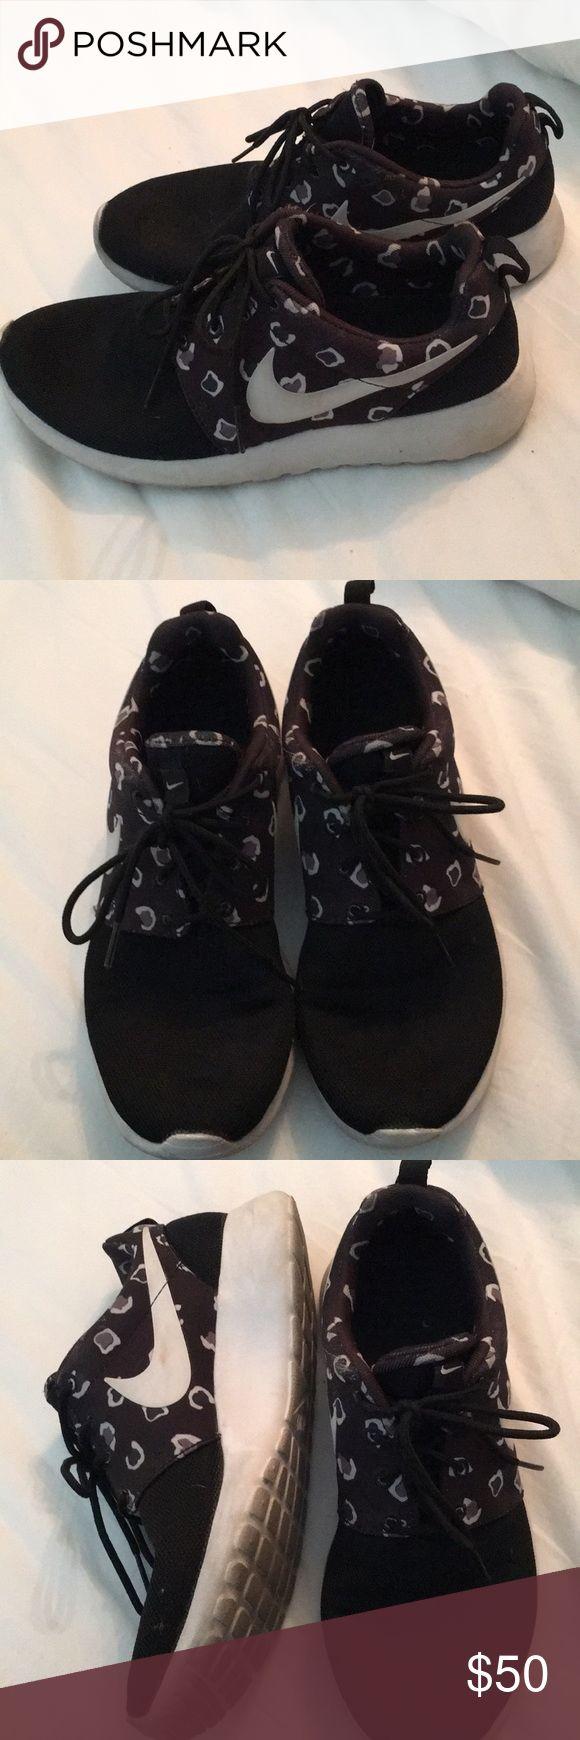 Nike roshe run leopard print Nike roshe run leopard print in black. No box. Nike Shoes Athletic Shoes